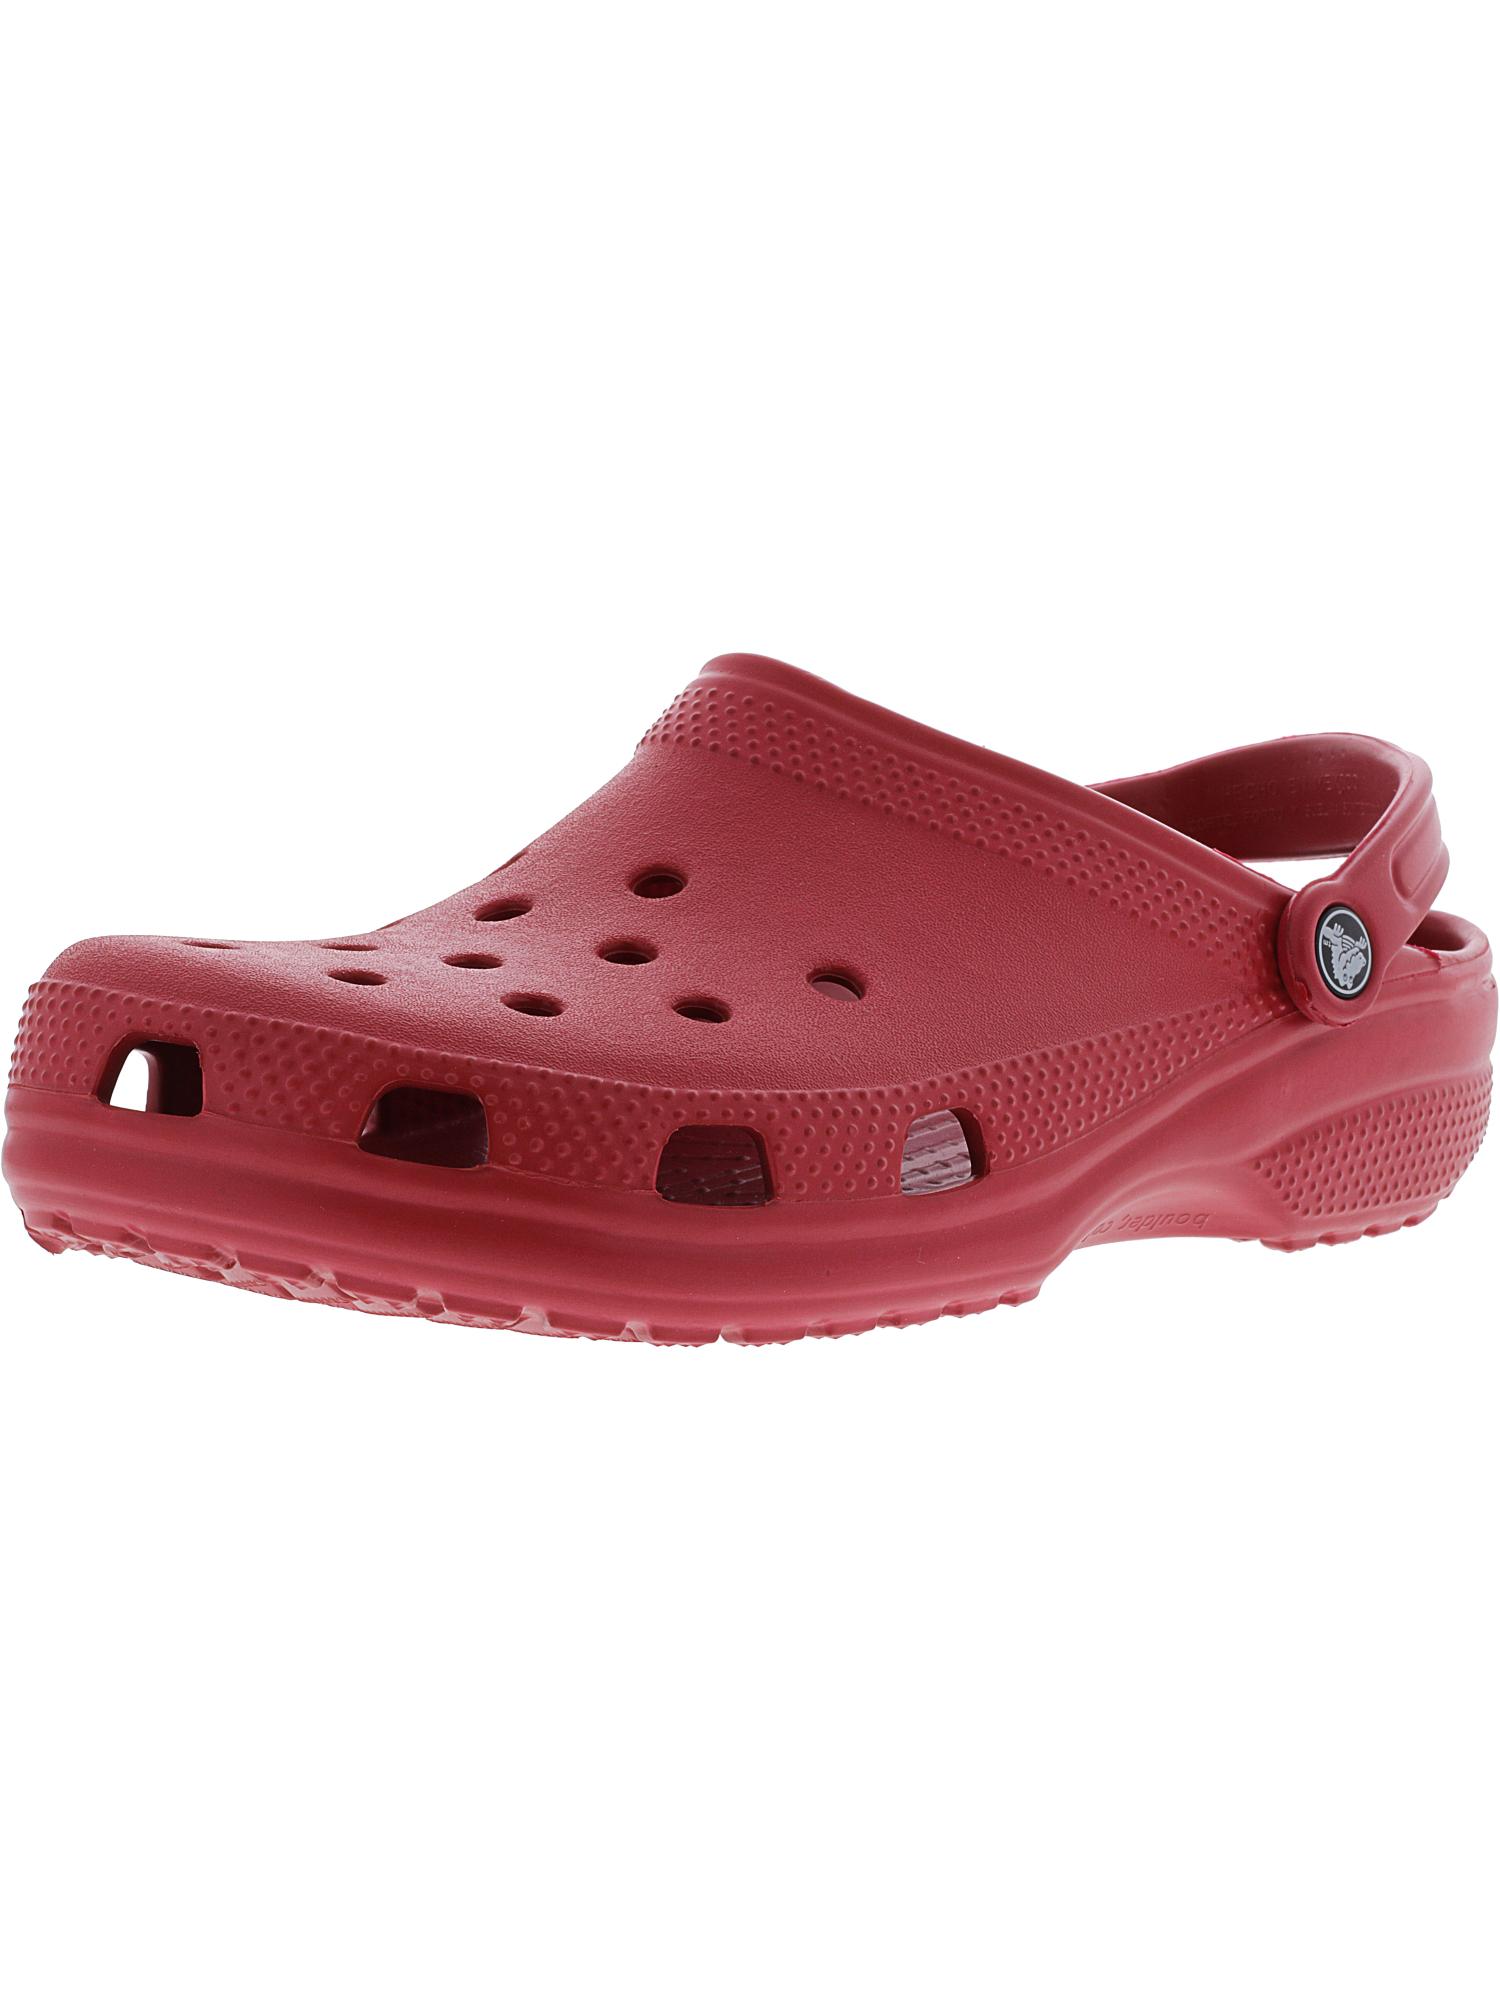 Crocs-Classic-Clog-Ltd-Clogs thumbnail 33